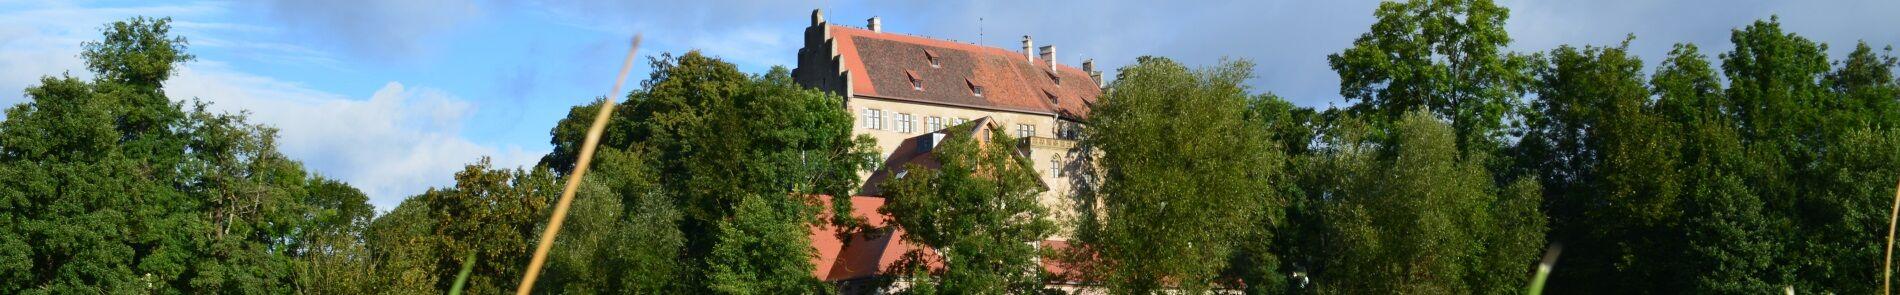 GrossesSchloss_Schlossmuehle_Saaleaue_entfernt